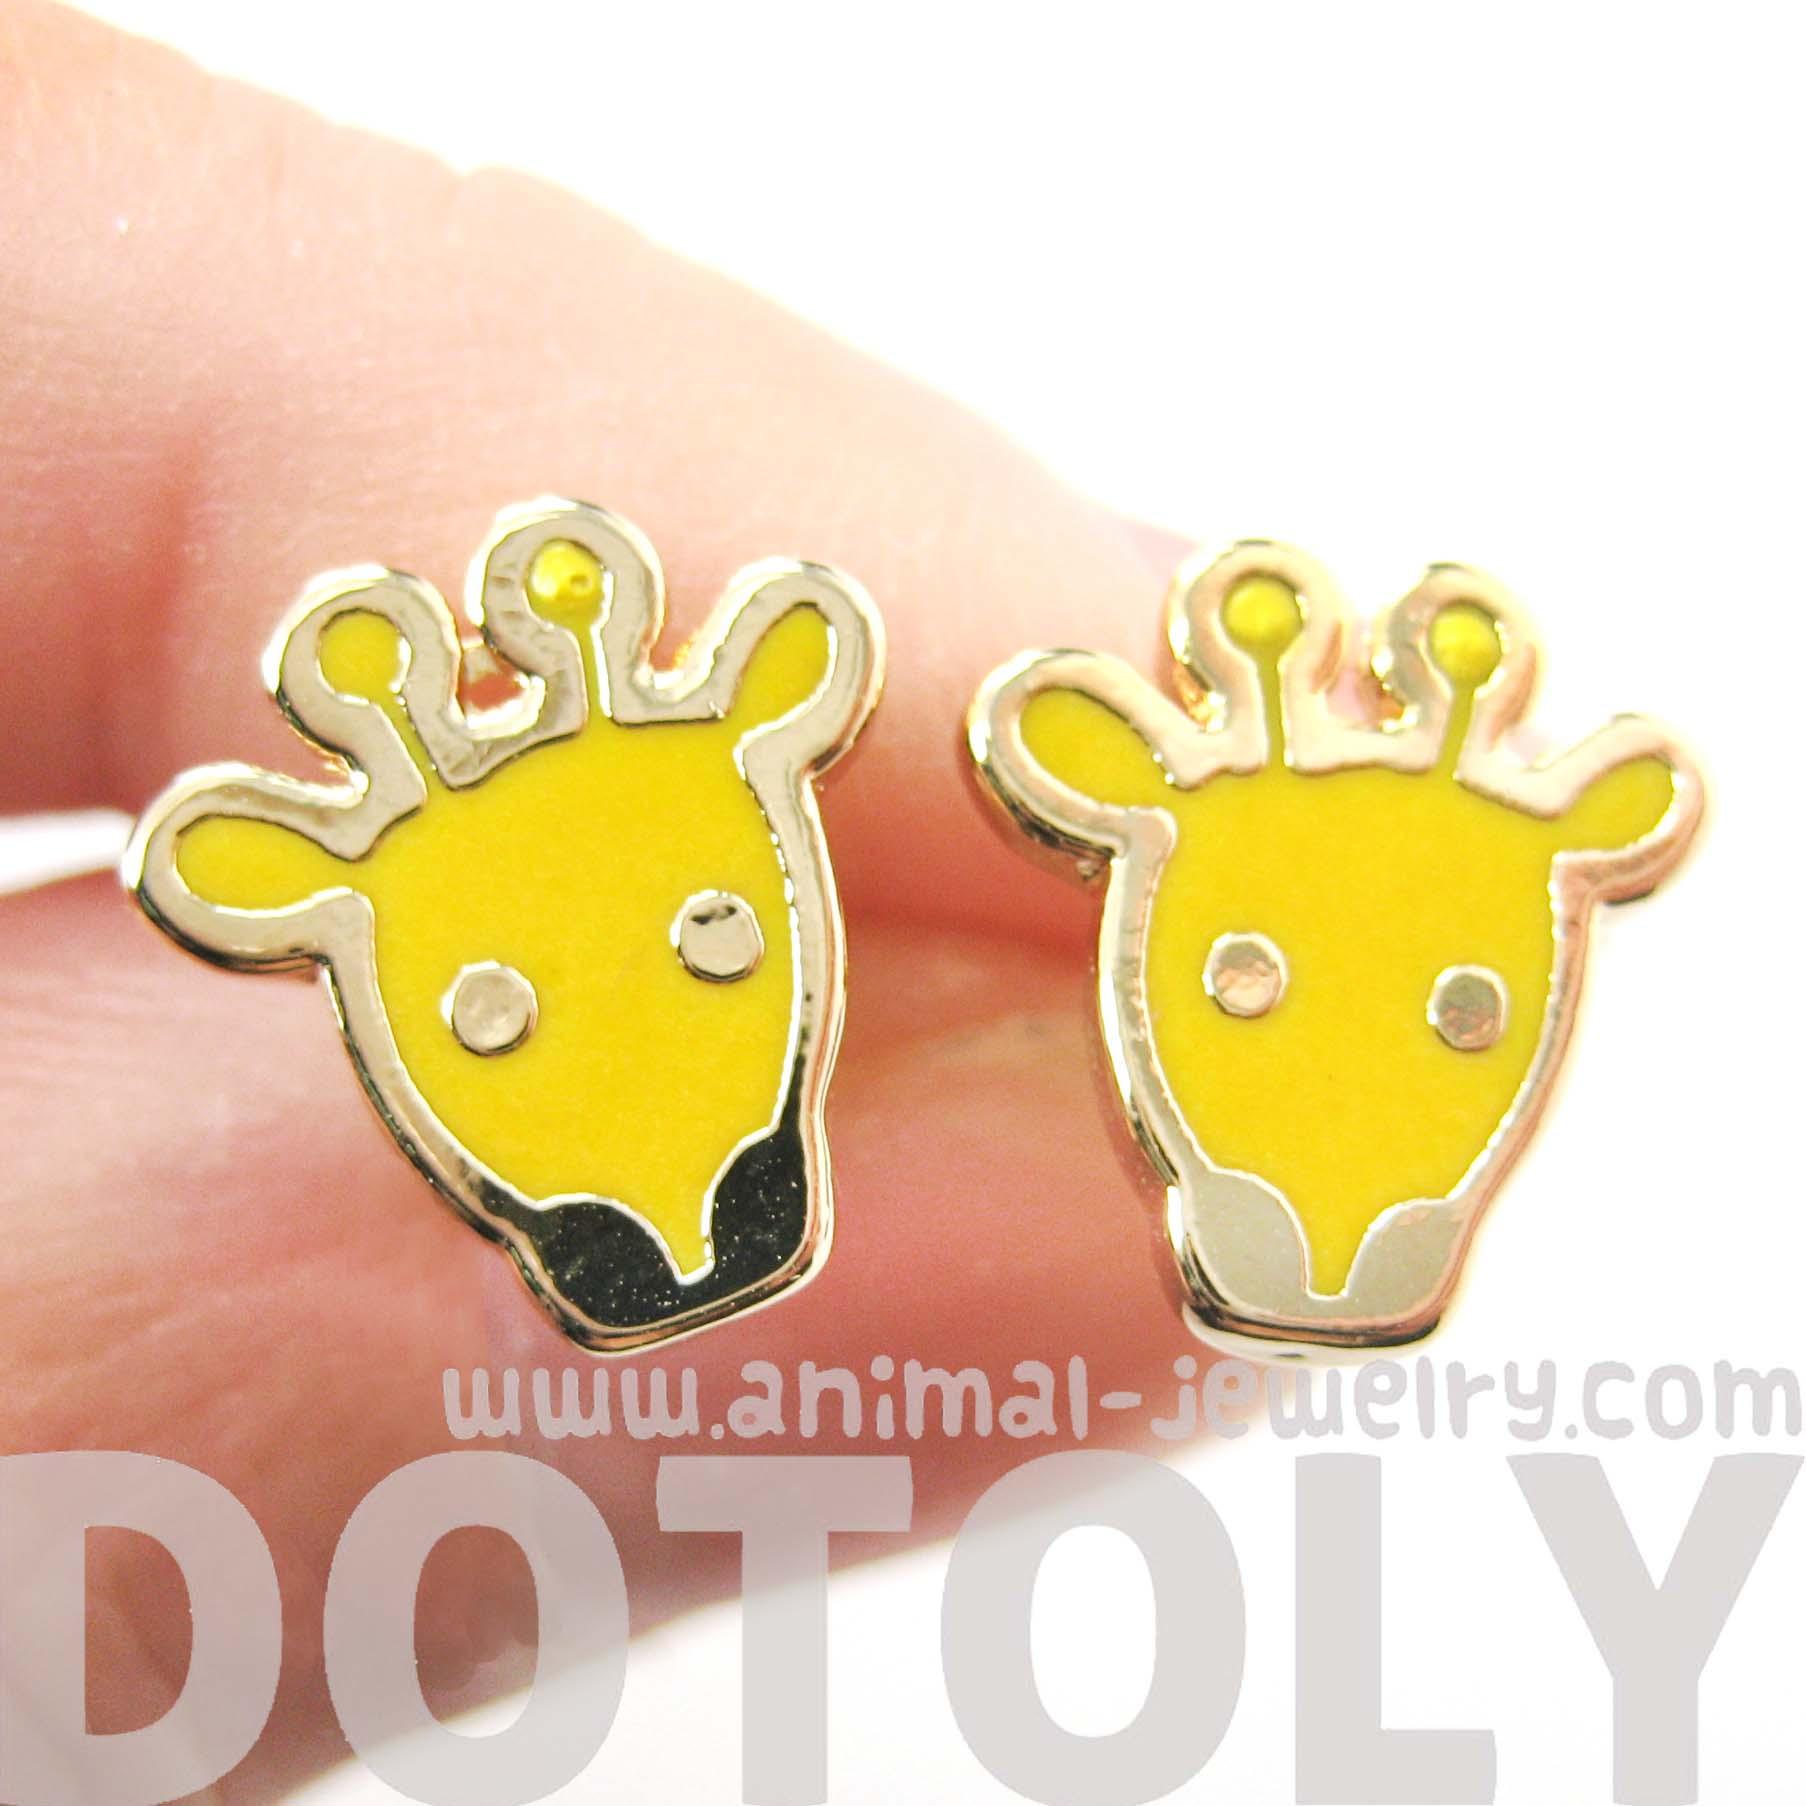 Cute Giraffe Shaped Animal Stud Earrings In Yellow Enamel On Gold   Thumbnail 1